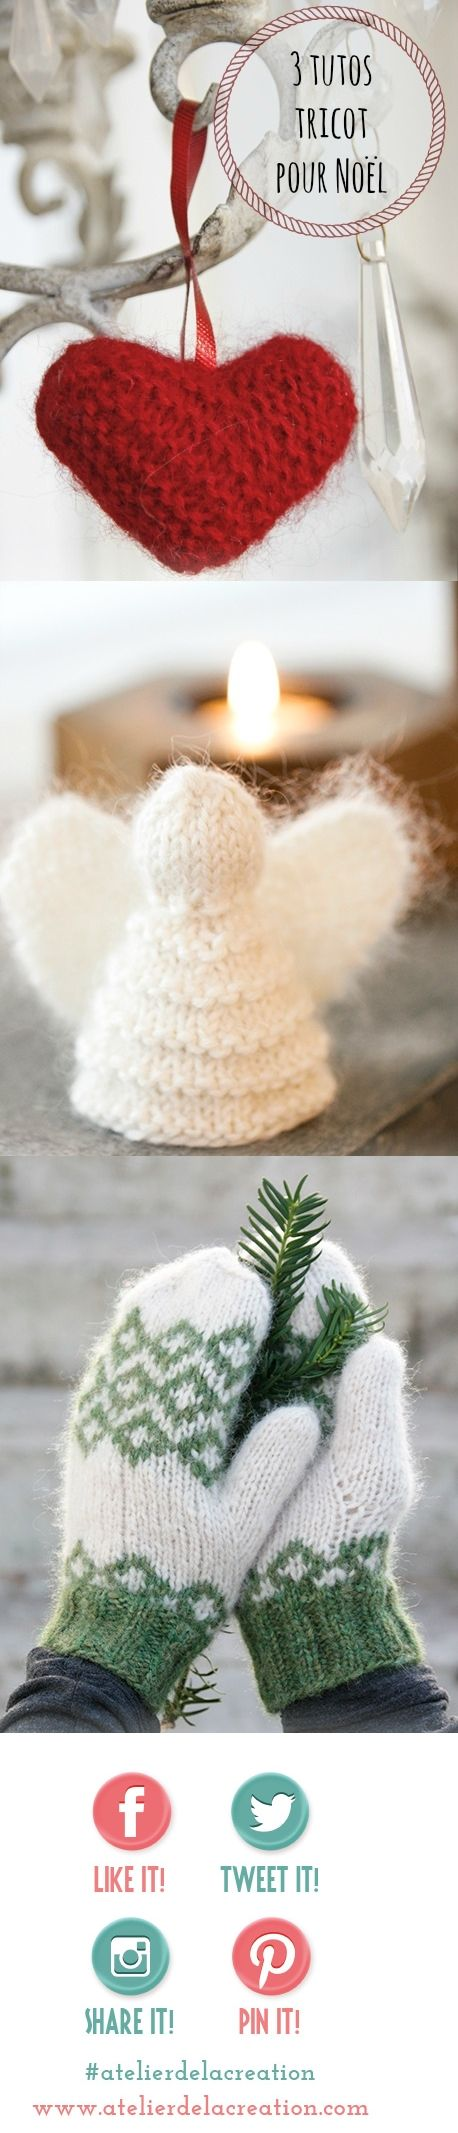 3 mod les gratuits pour noel en tricot laine drops blog de l 39 atelier de la cr ation no l. Black Bedroom Furniture Sets. Home Design Ideas